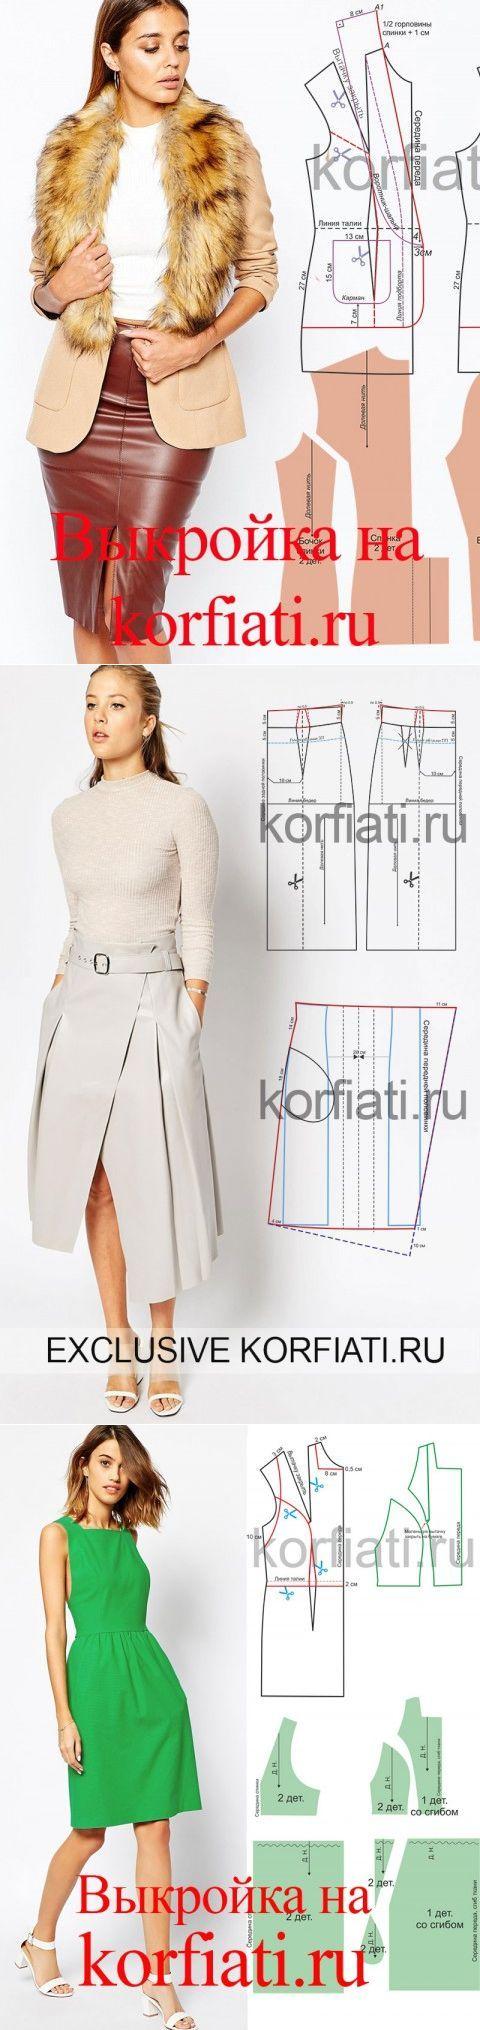 Выкройки одежды от Анастасии Корфиати